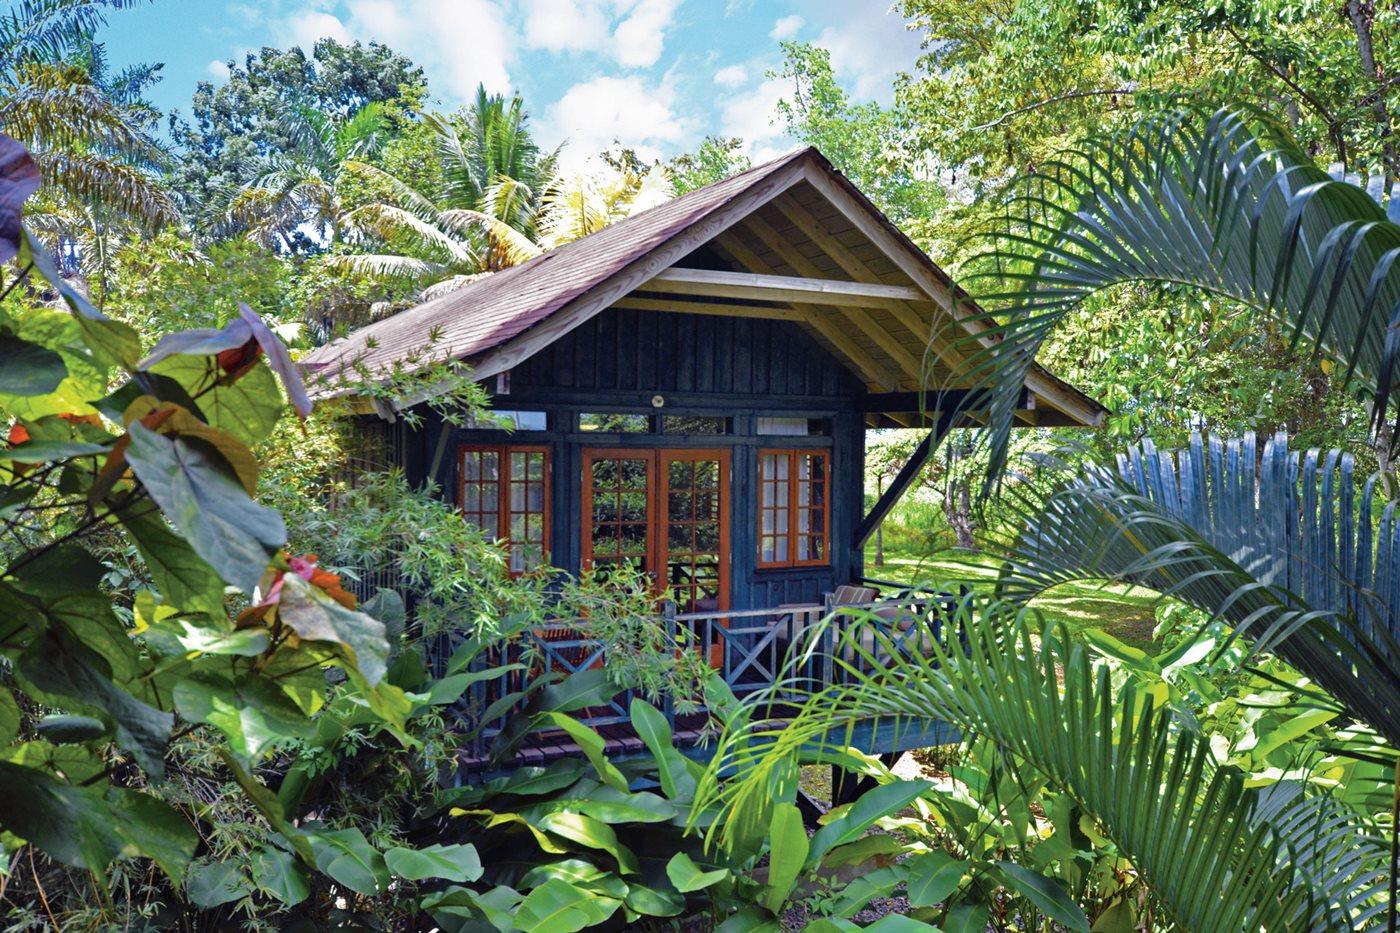 MBJ_SunsetAtThePalms_Room_Cabin_006